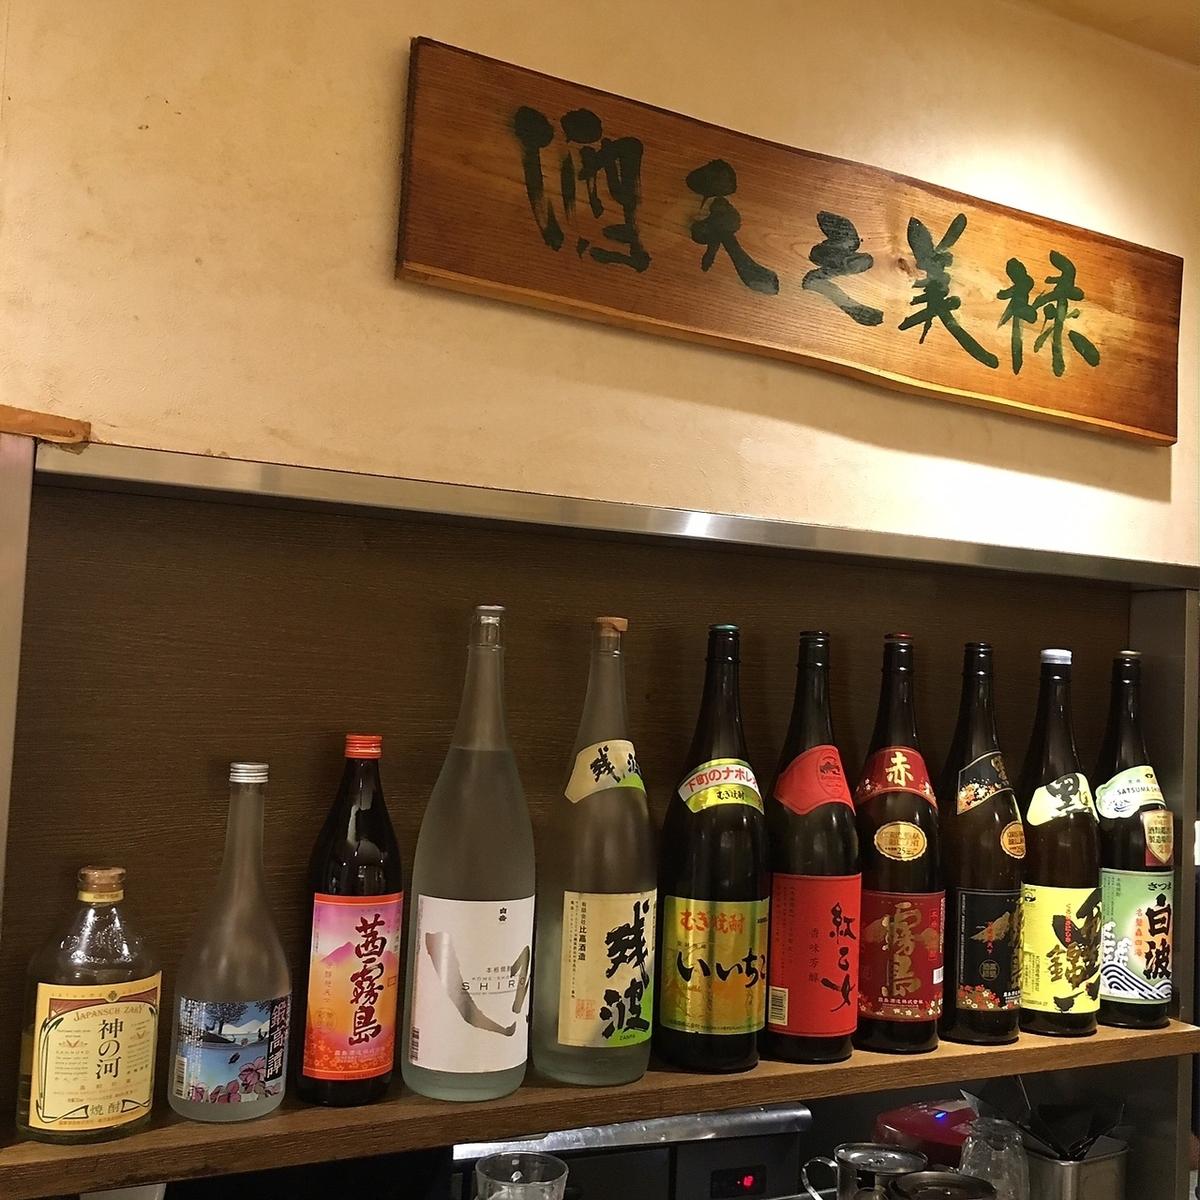 各种烧酒也可提供。